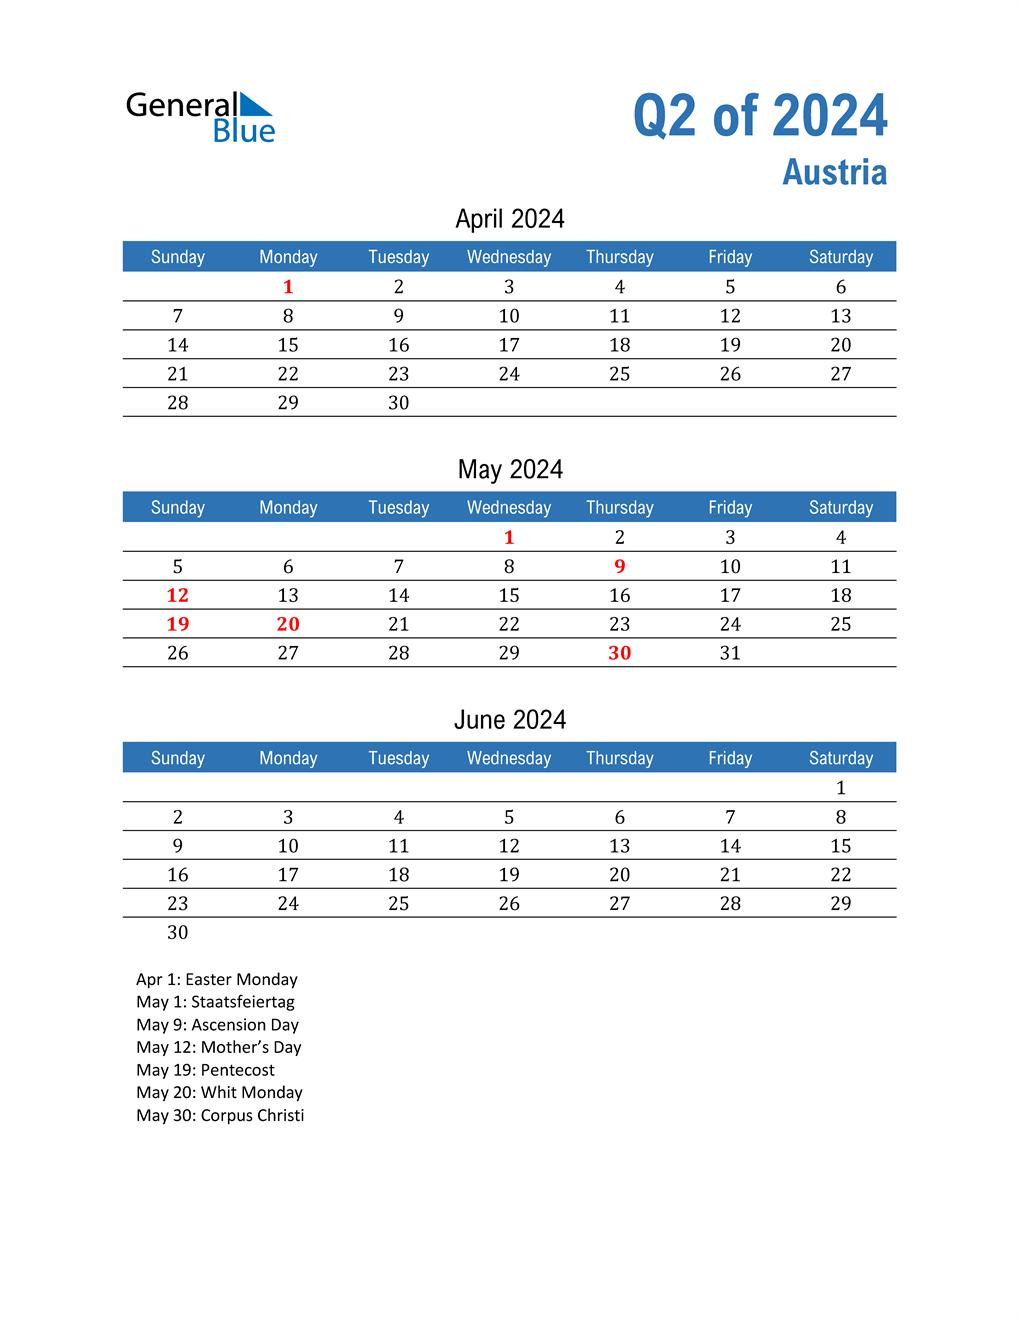 Austria 2024 Quarterly Calendar